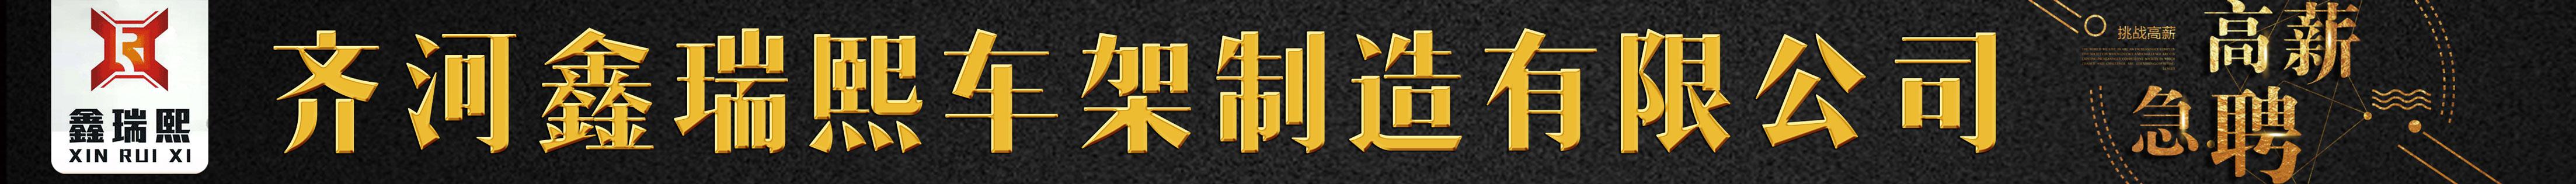 齐河鑫瑞熙车架制造有限公司